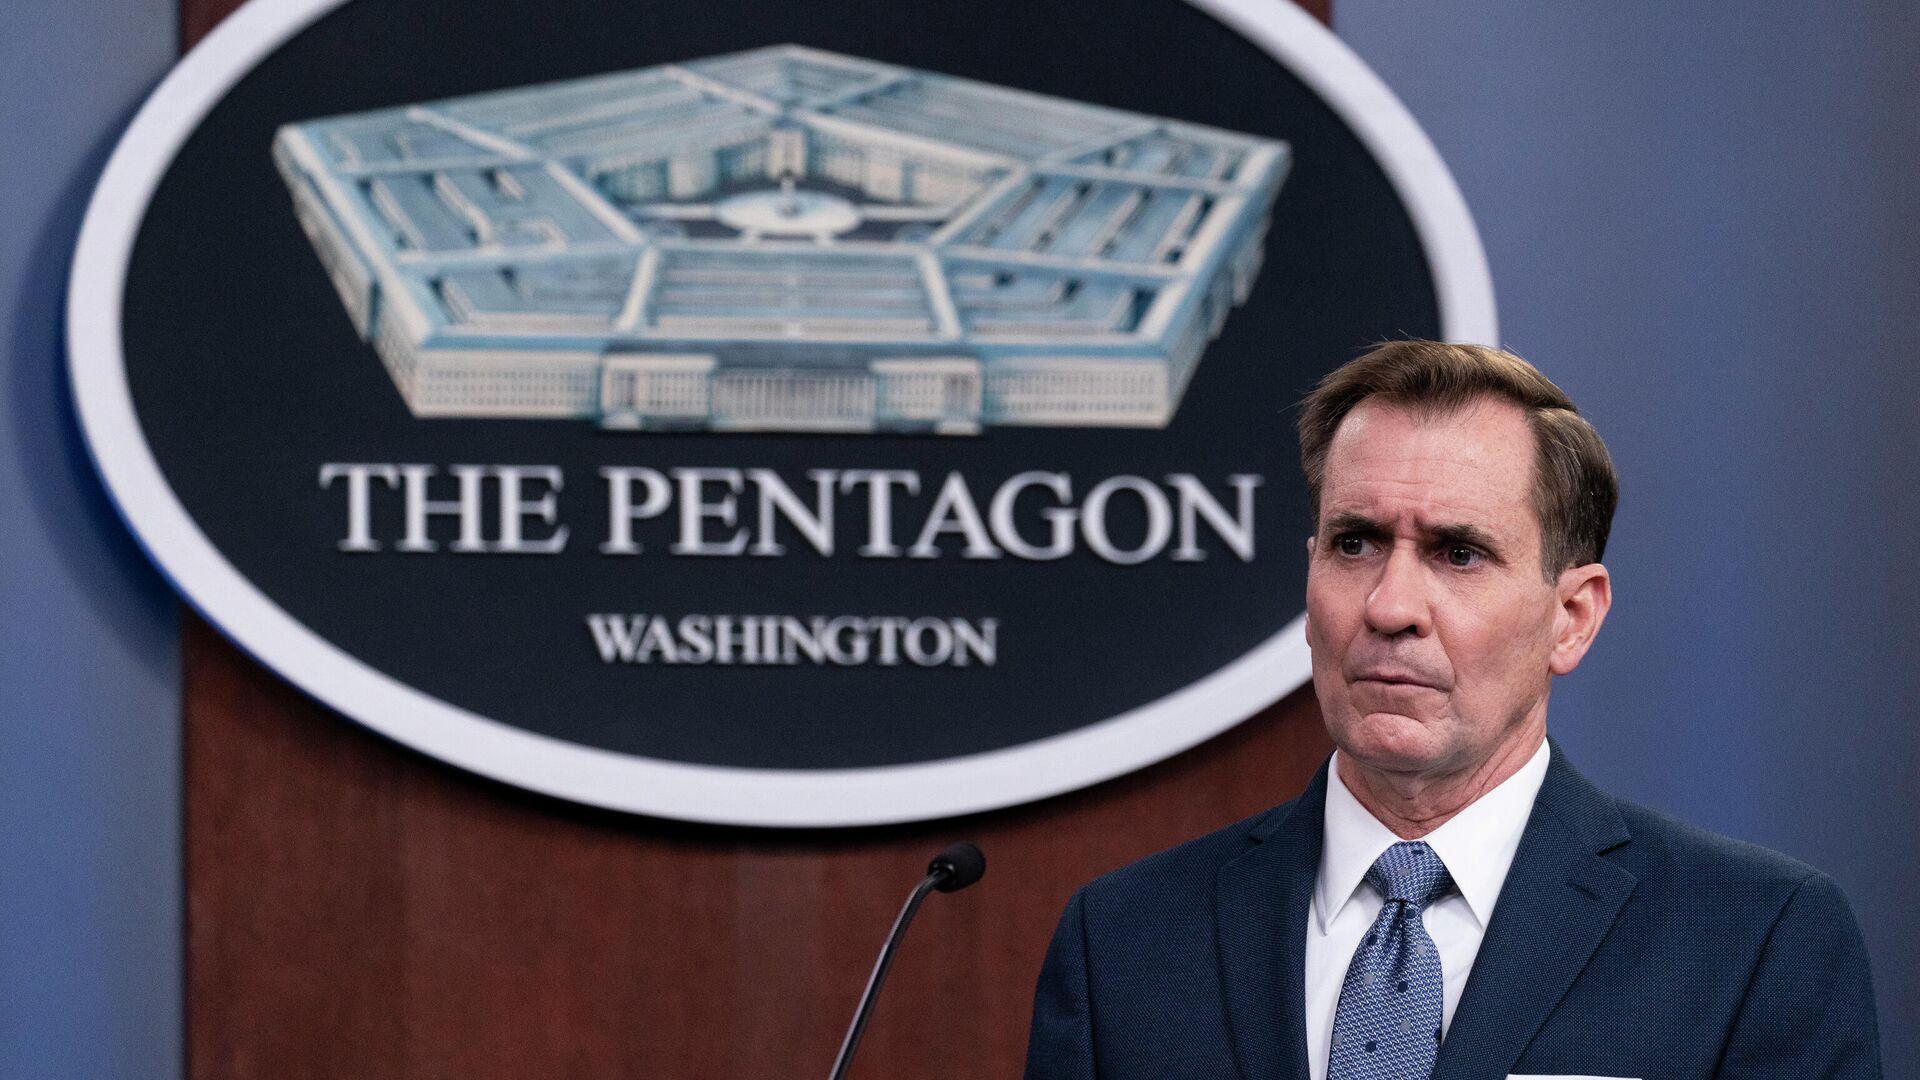 Pentagon-Sprecher John Kirby informiert bei einem Briefing über US-Schläge gegen Ziele in Syrien. Washington, 25. Februar 2021 - SNA, 1920, 02.07.2021